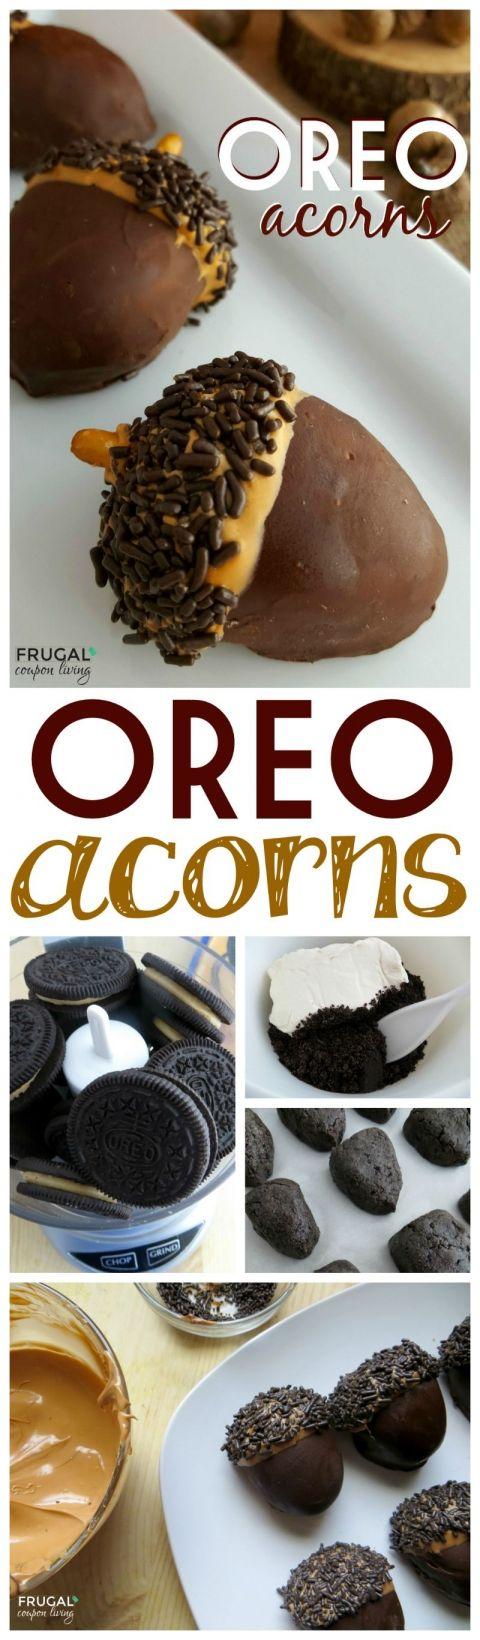 Kid S Food Craft Edible Oreo Acorns Receta Postres Postres Creativos Comidas Navideñas Y Comida Bebida